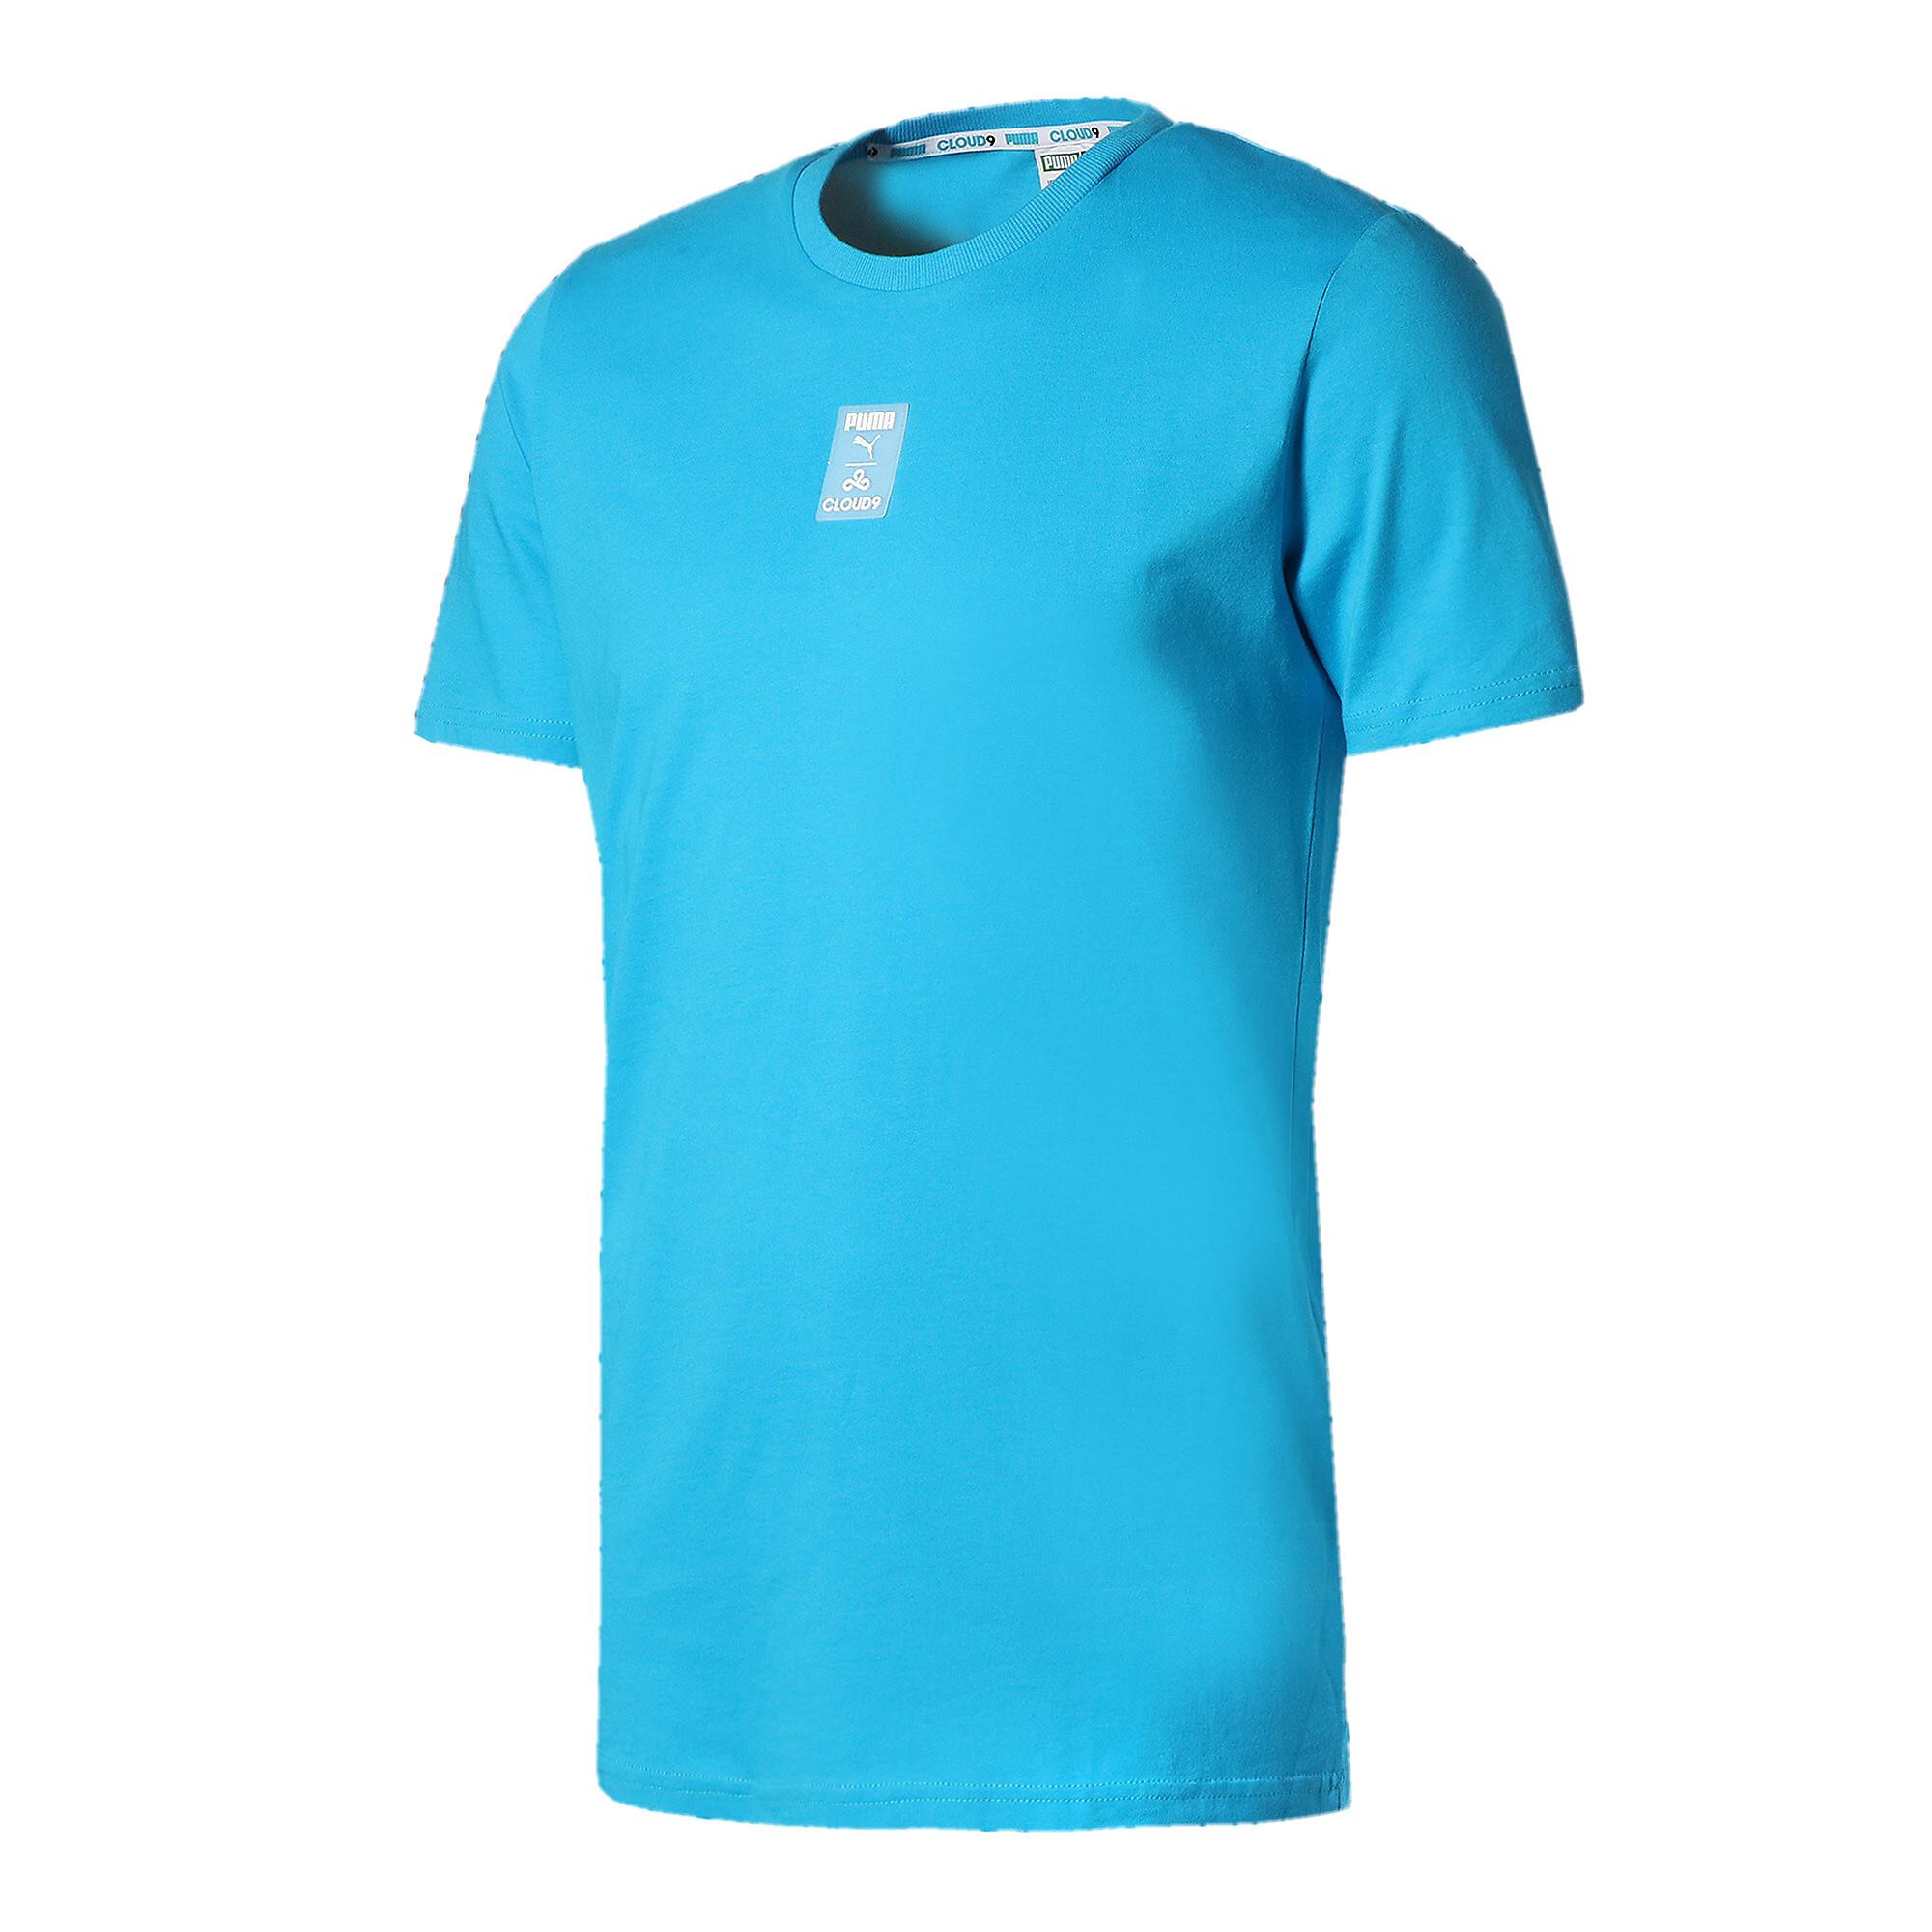 【プーマ公式通販】 プーマ PUMA x Cloud9 GTG オールセット eスポーツ Tシャツ メンズ Hawaiian Ocean |PUMA.com